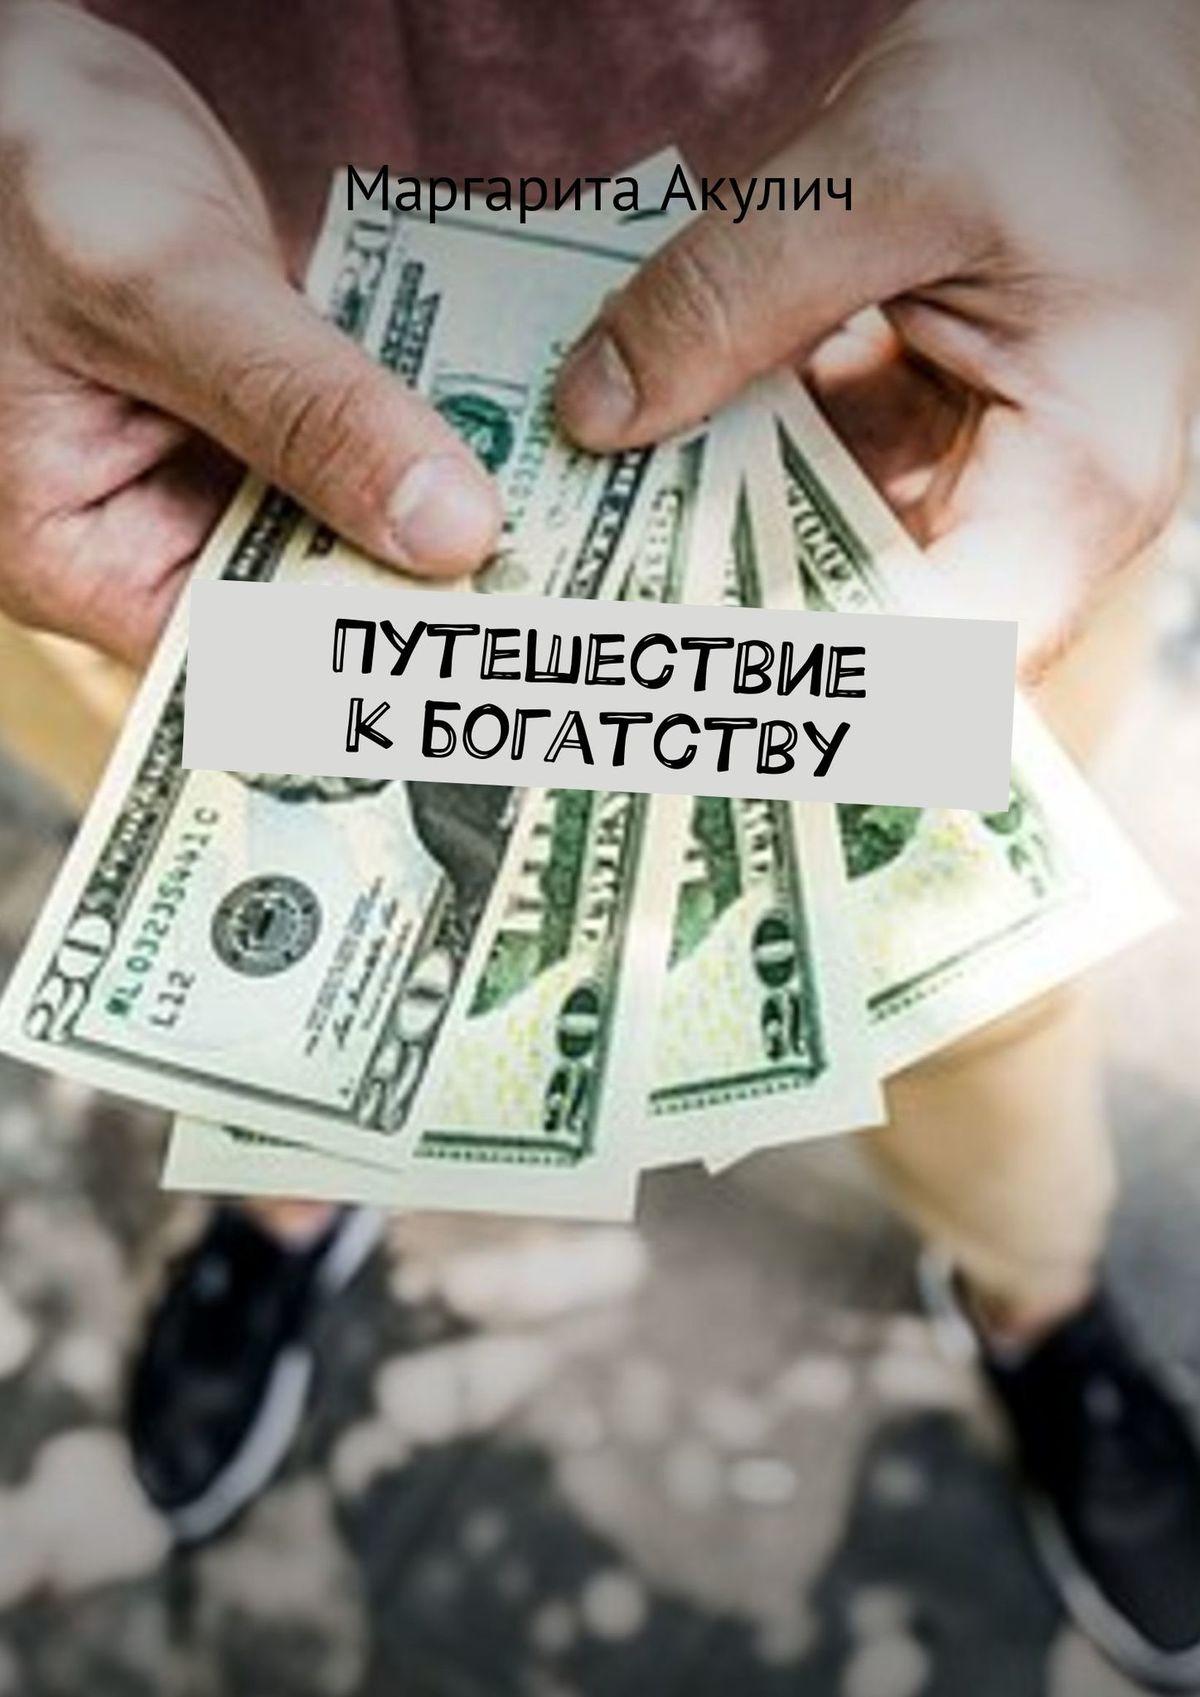 Маргарита Акулич Путешествие к богатству сергей ратнер секреты биоэнергетики указатель к богатству и успеху в жизни